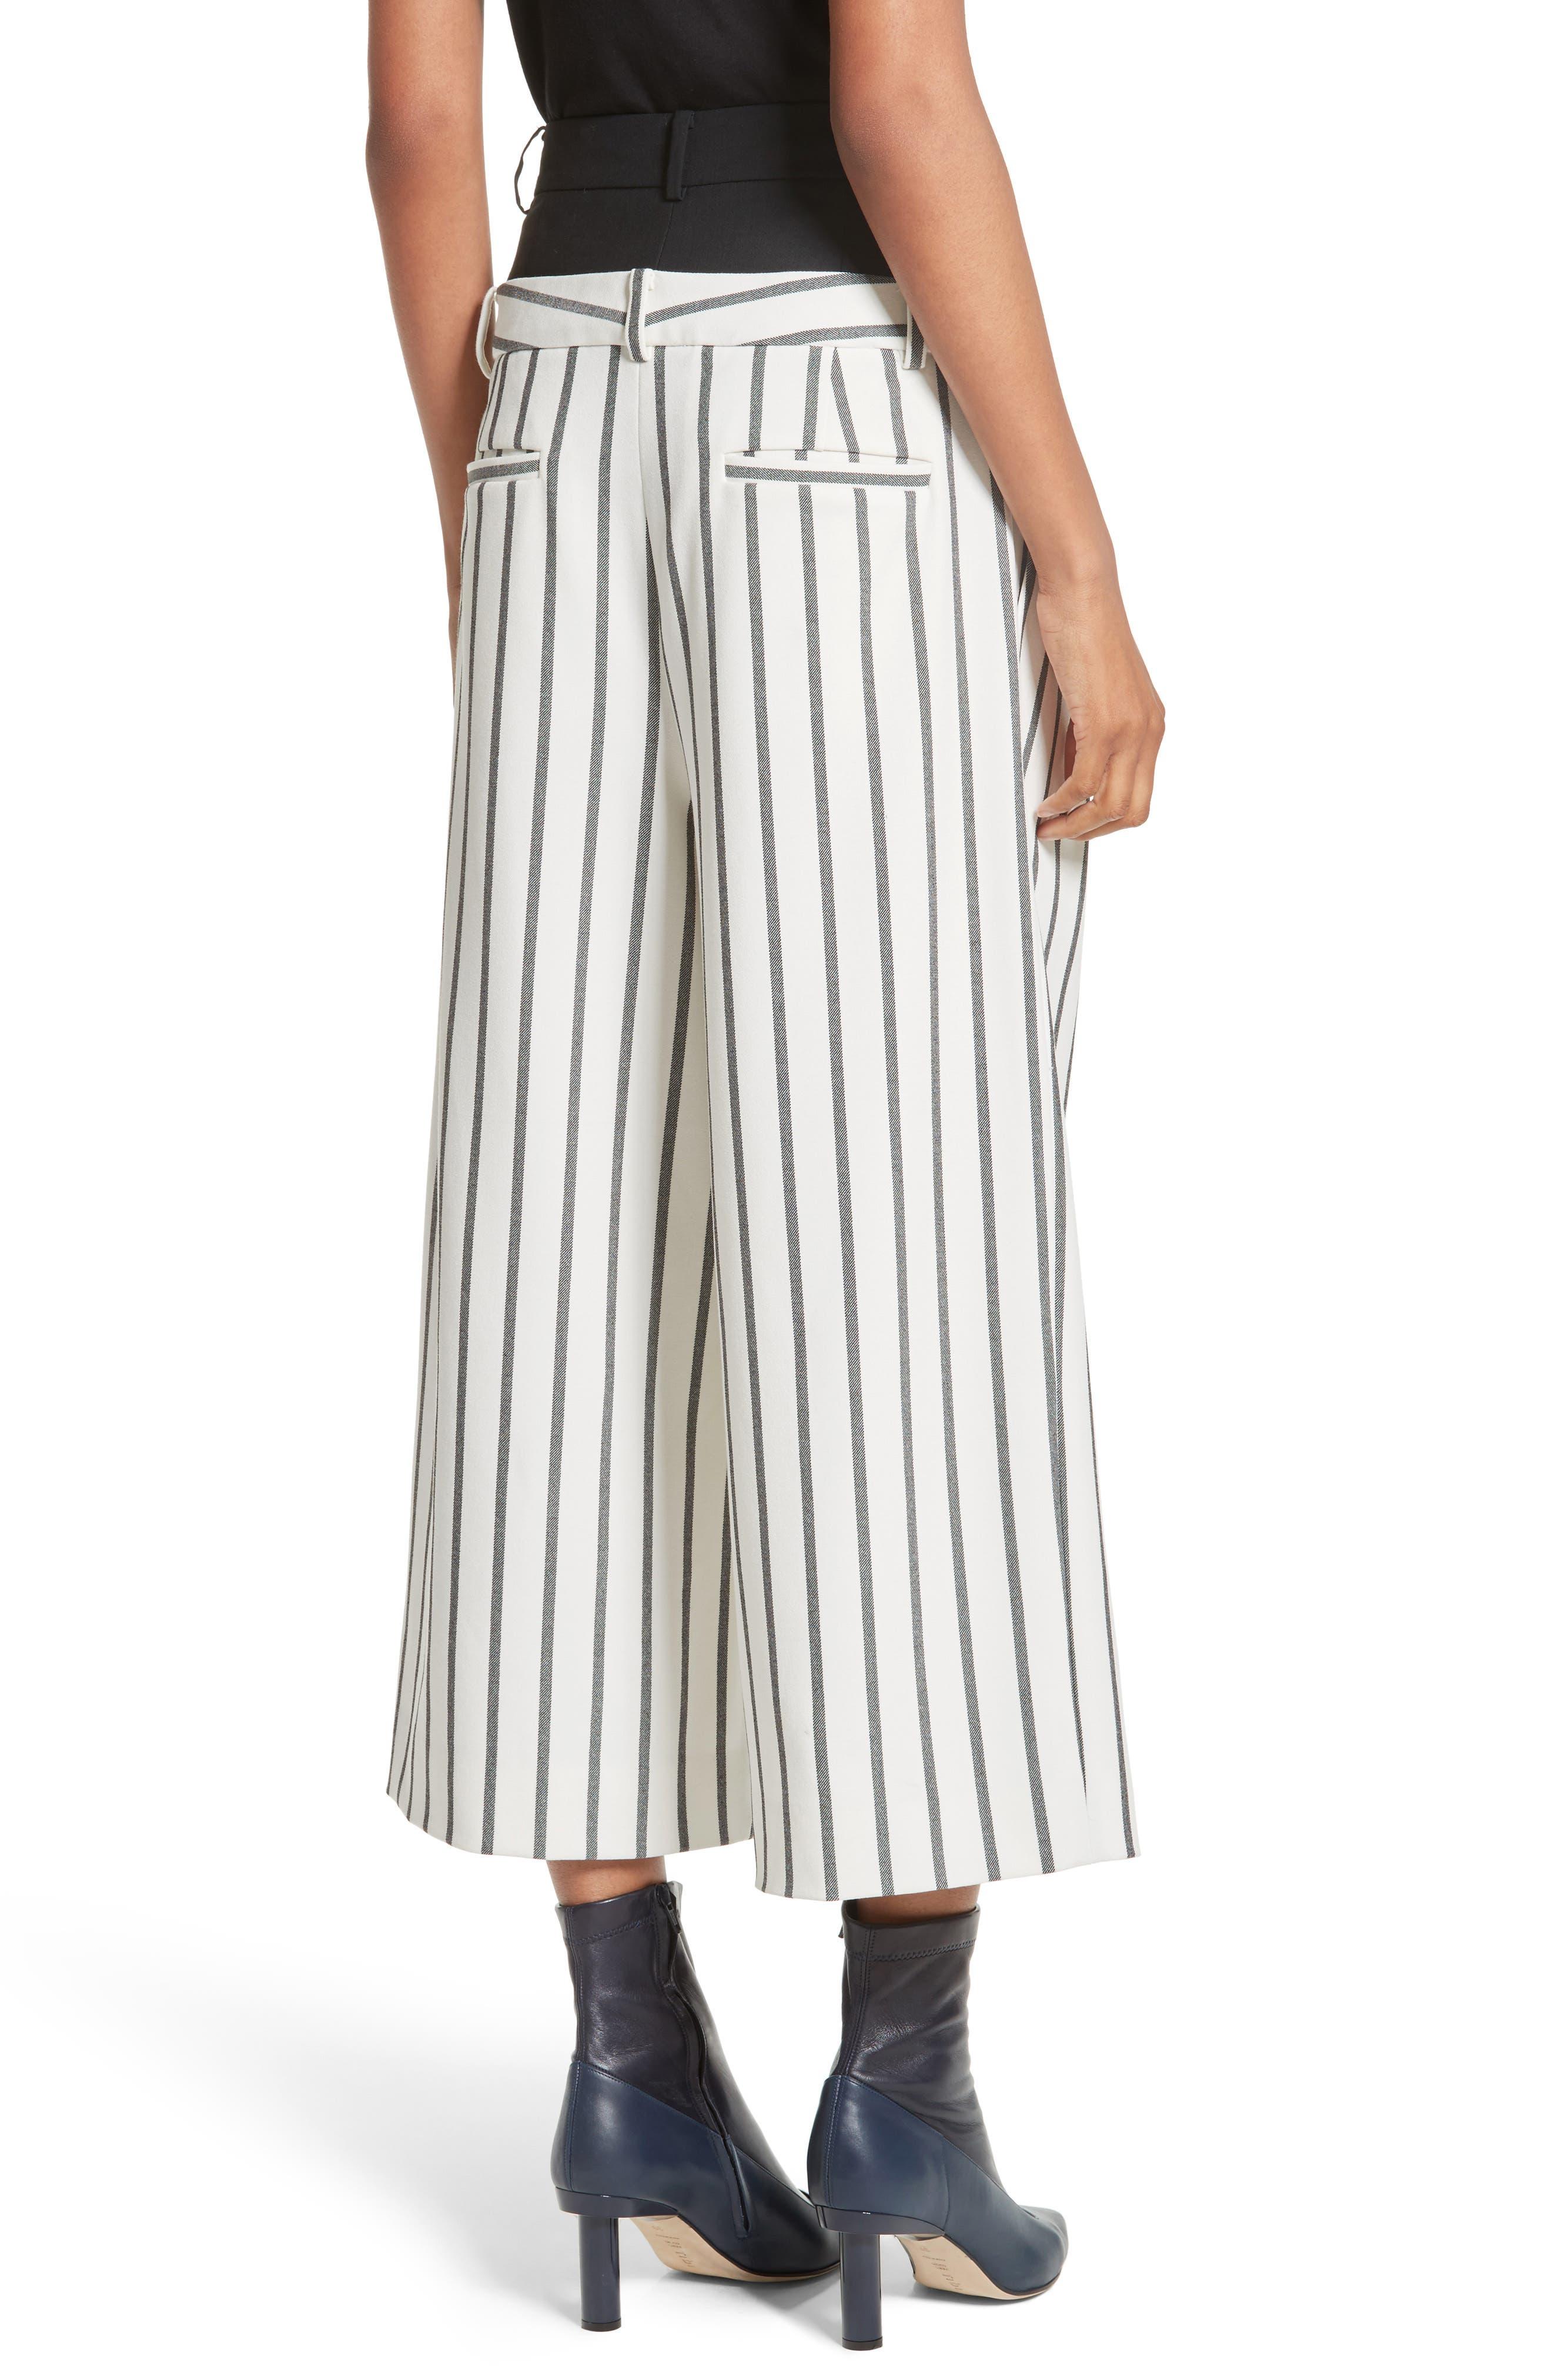 Lucci Stripe Crop Wide Leg Pants,                             Alternate thumbnail 2, color,                             907